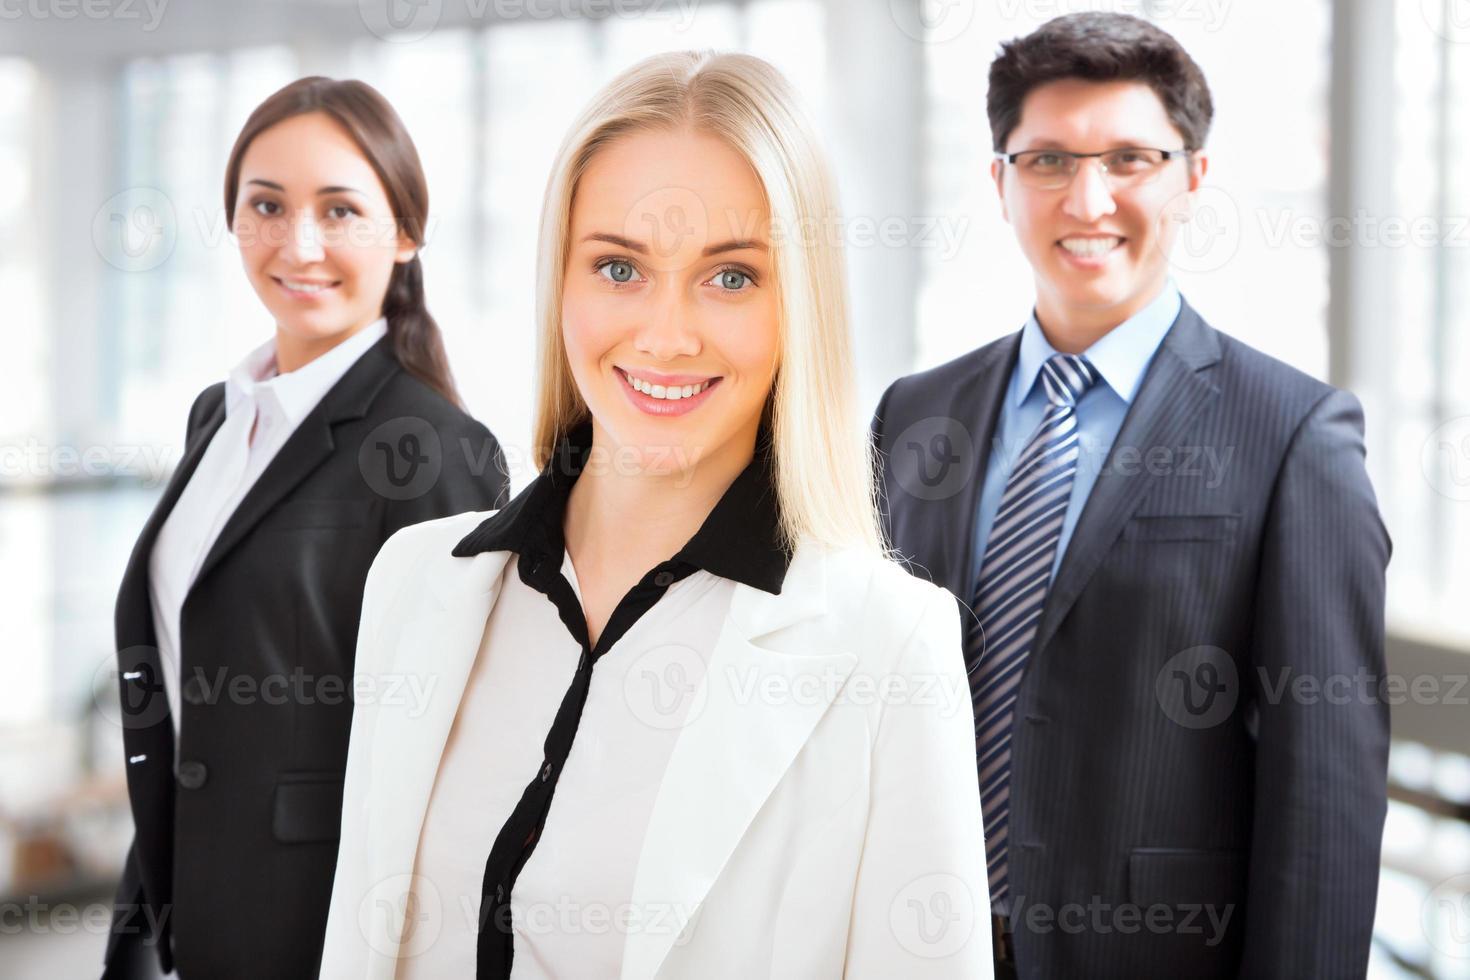 grupp affärsmän foto